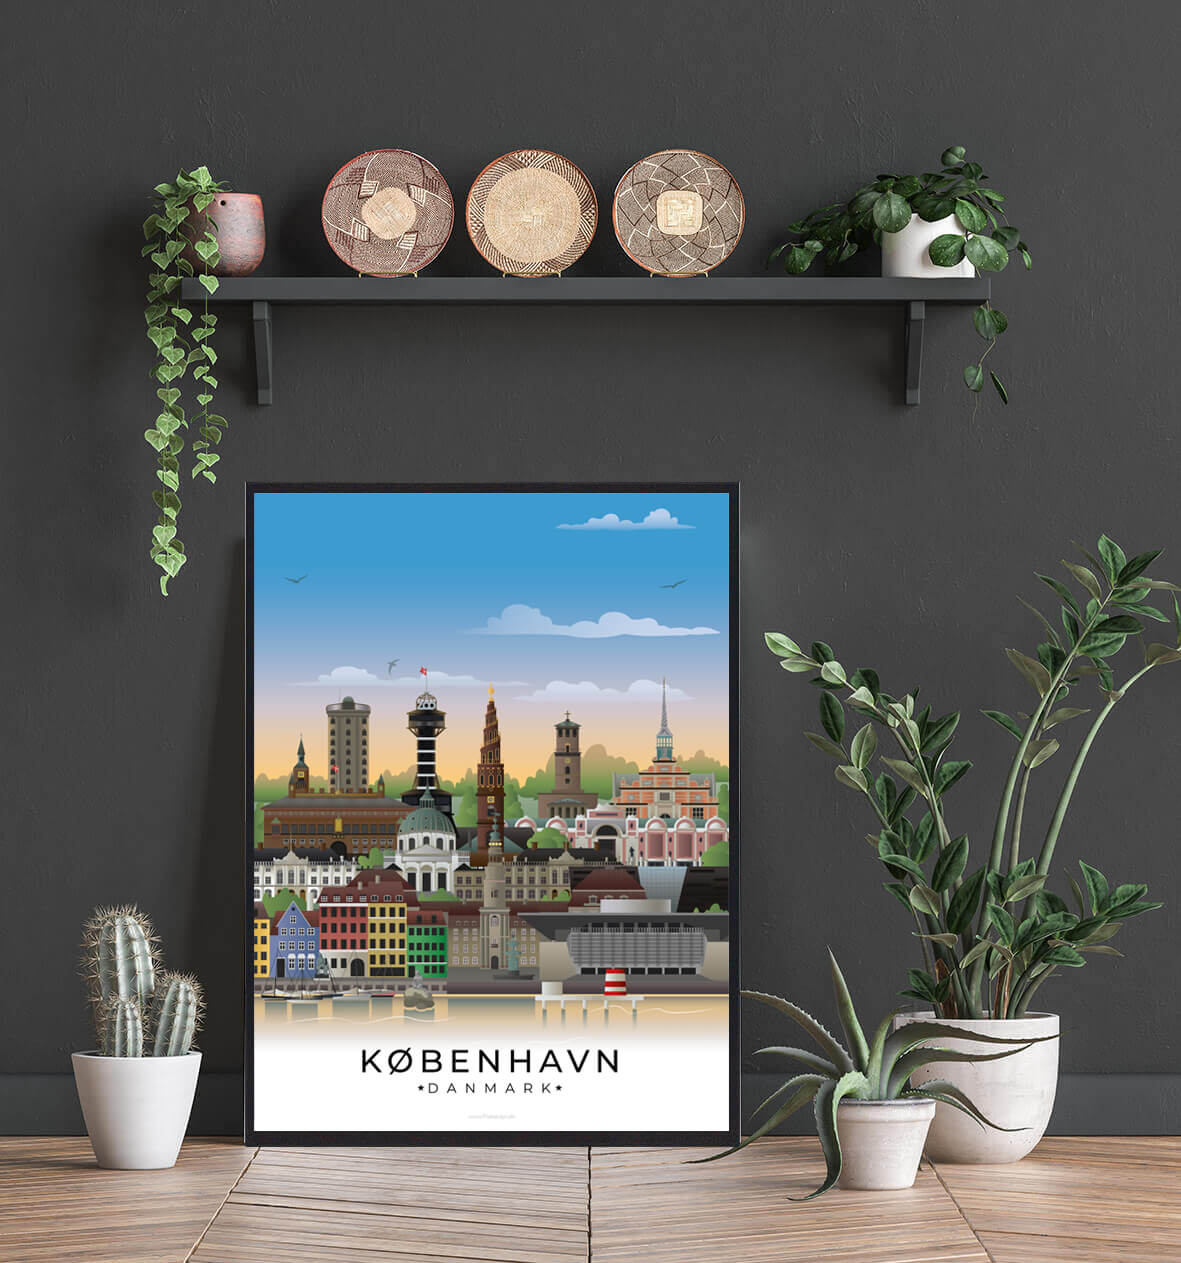 Koebenhavn-bolig-byplakat-2